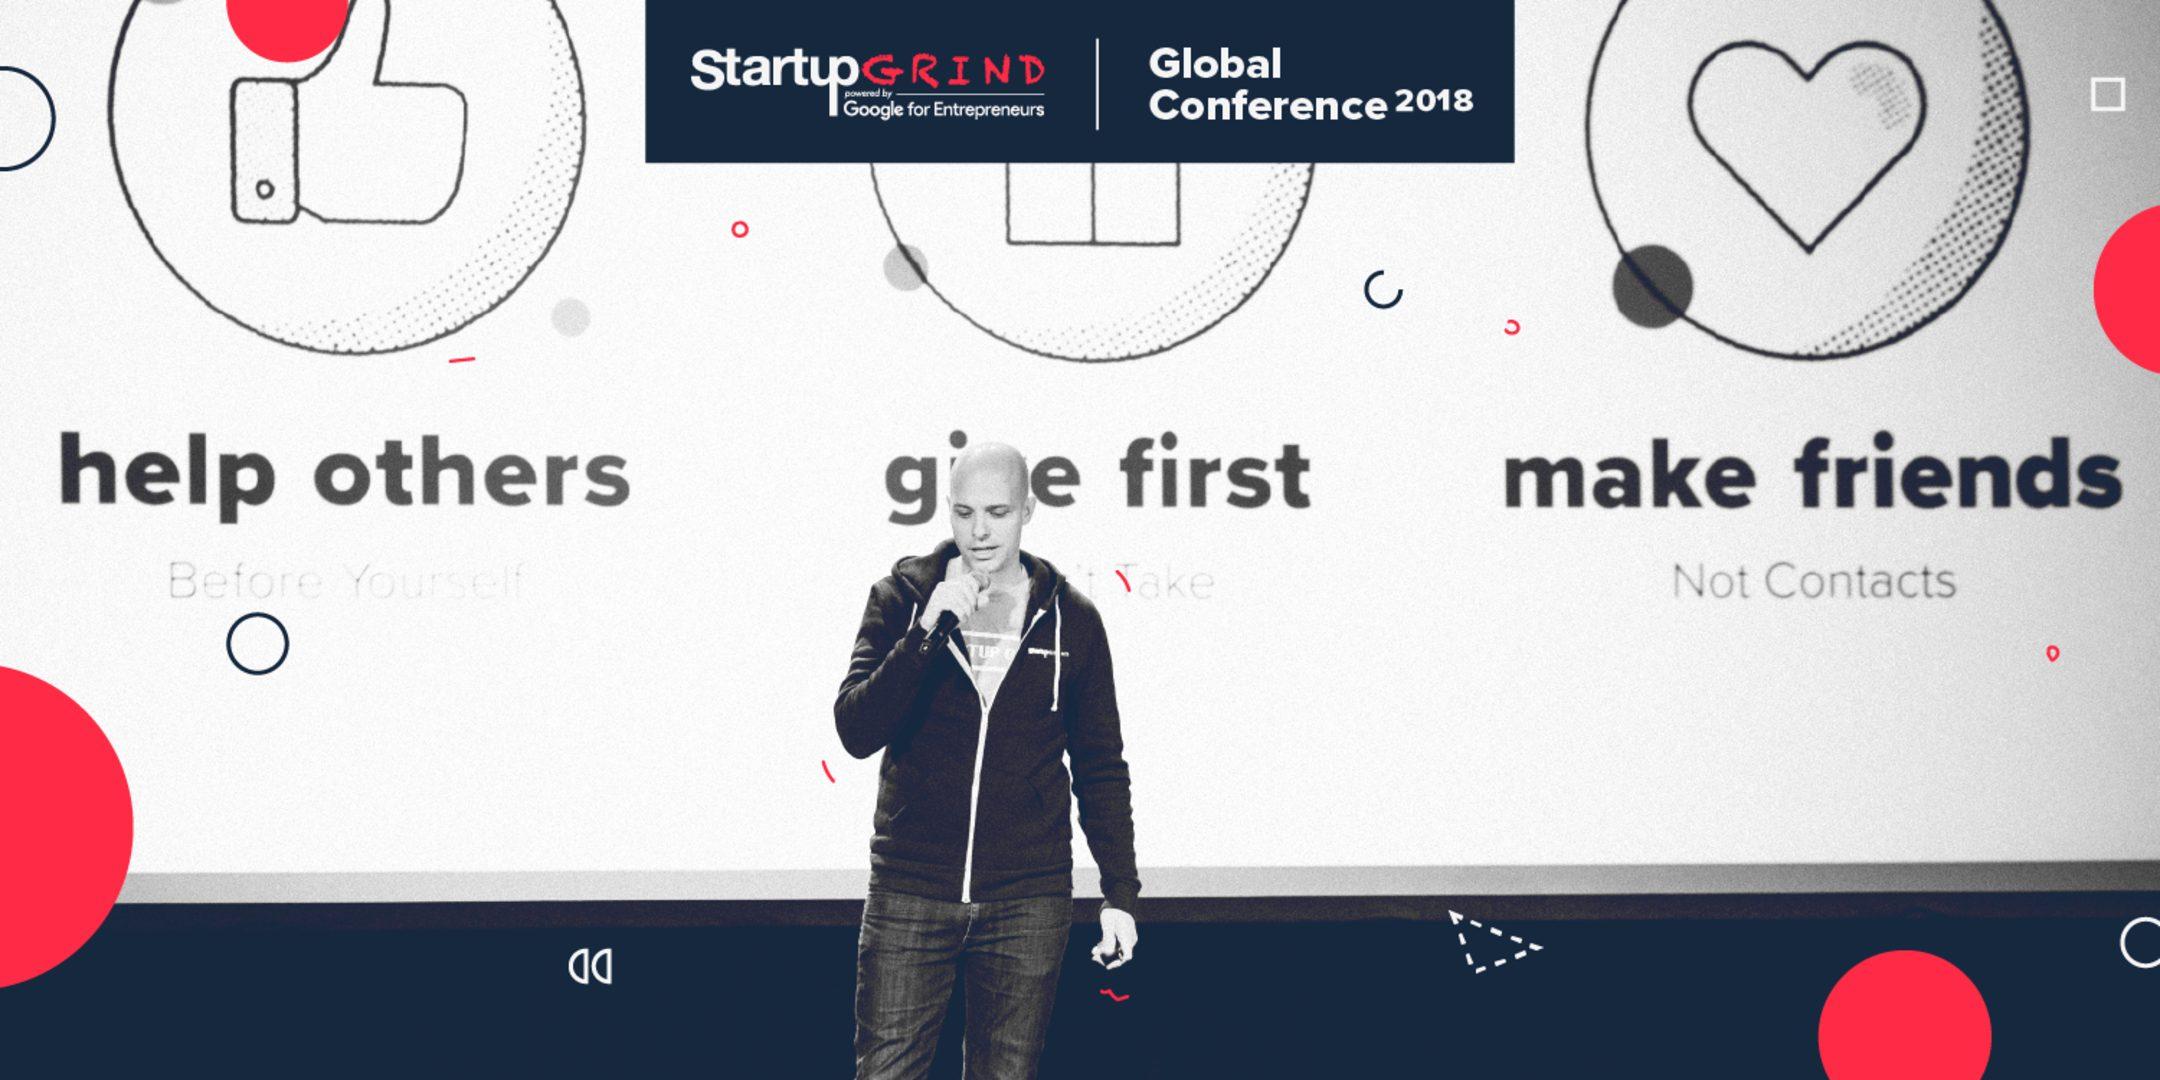 startup grind_entrepreneur_blogs